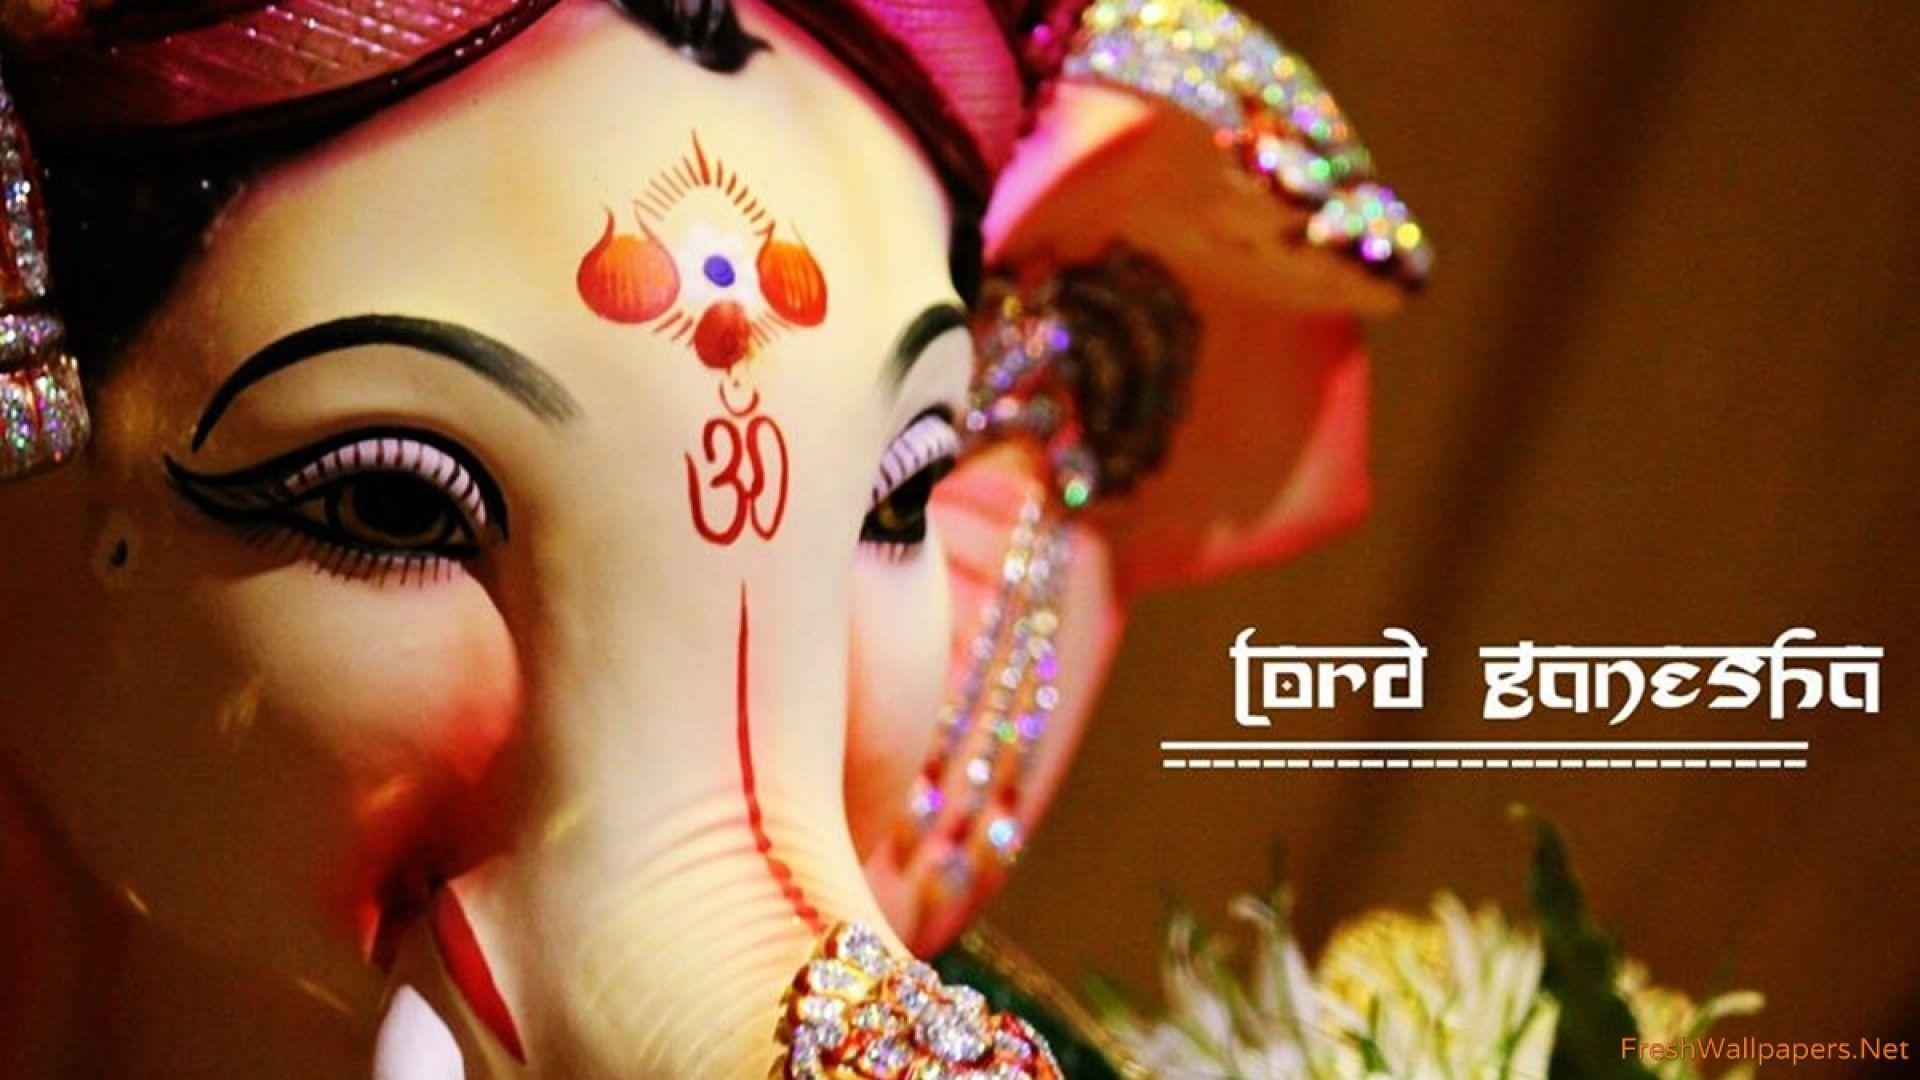 1920x1080 Ganpati HD Wallpaper Download - Ganpati Bappa Status Video